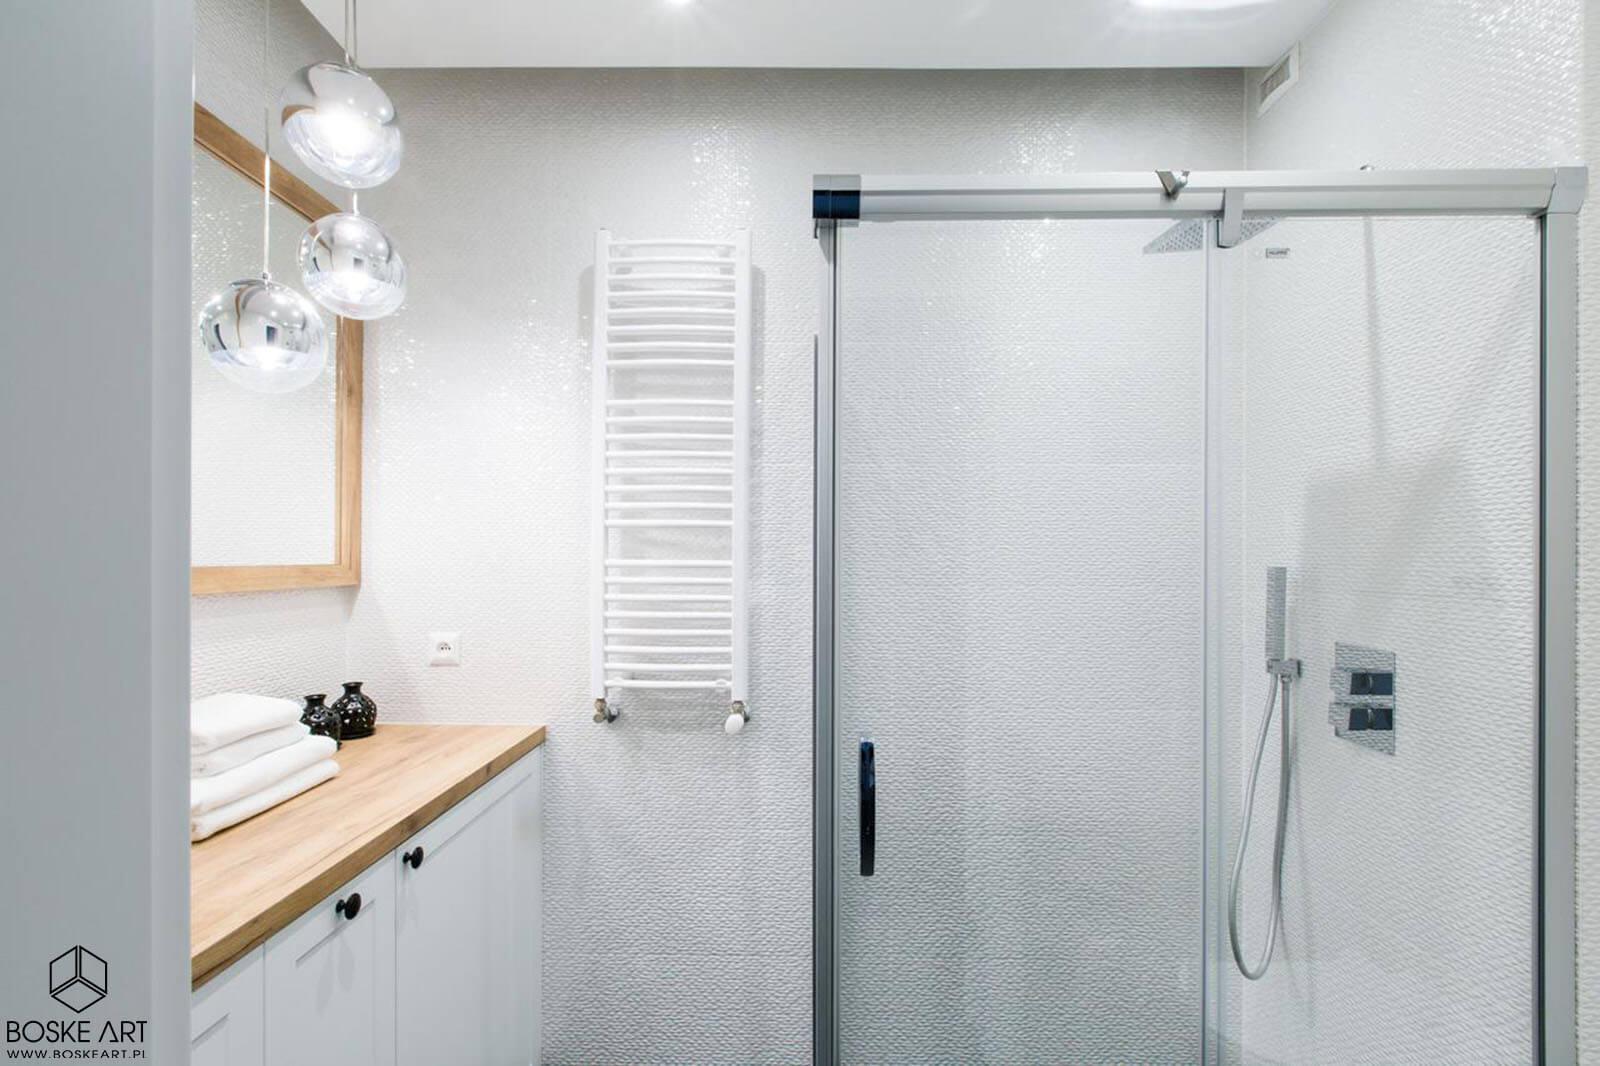 9_apartamenty_poznan_boske_art_projektowanie_aranzacja_architektura_wnetrz_natalia_robaszkeiwicz-min